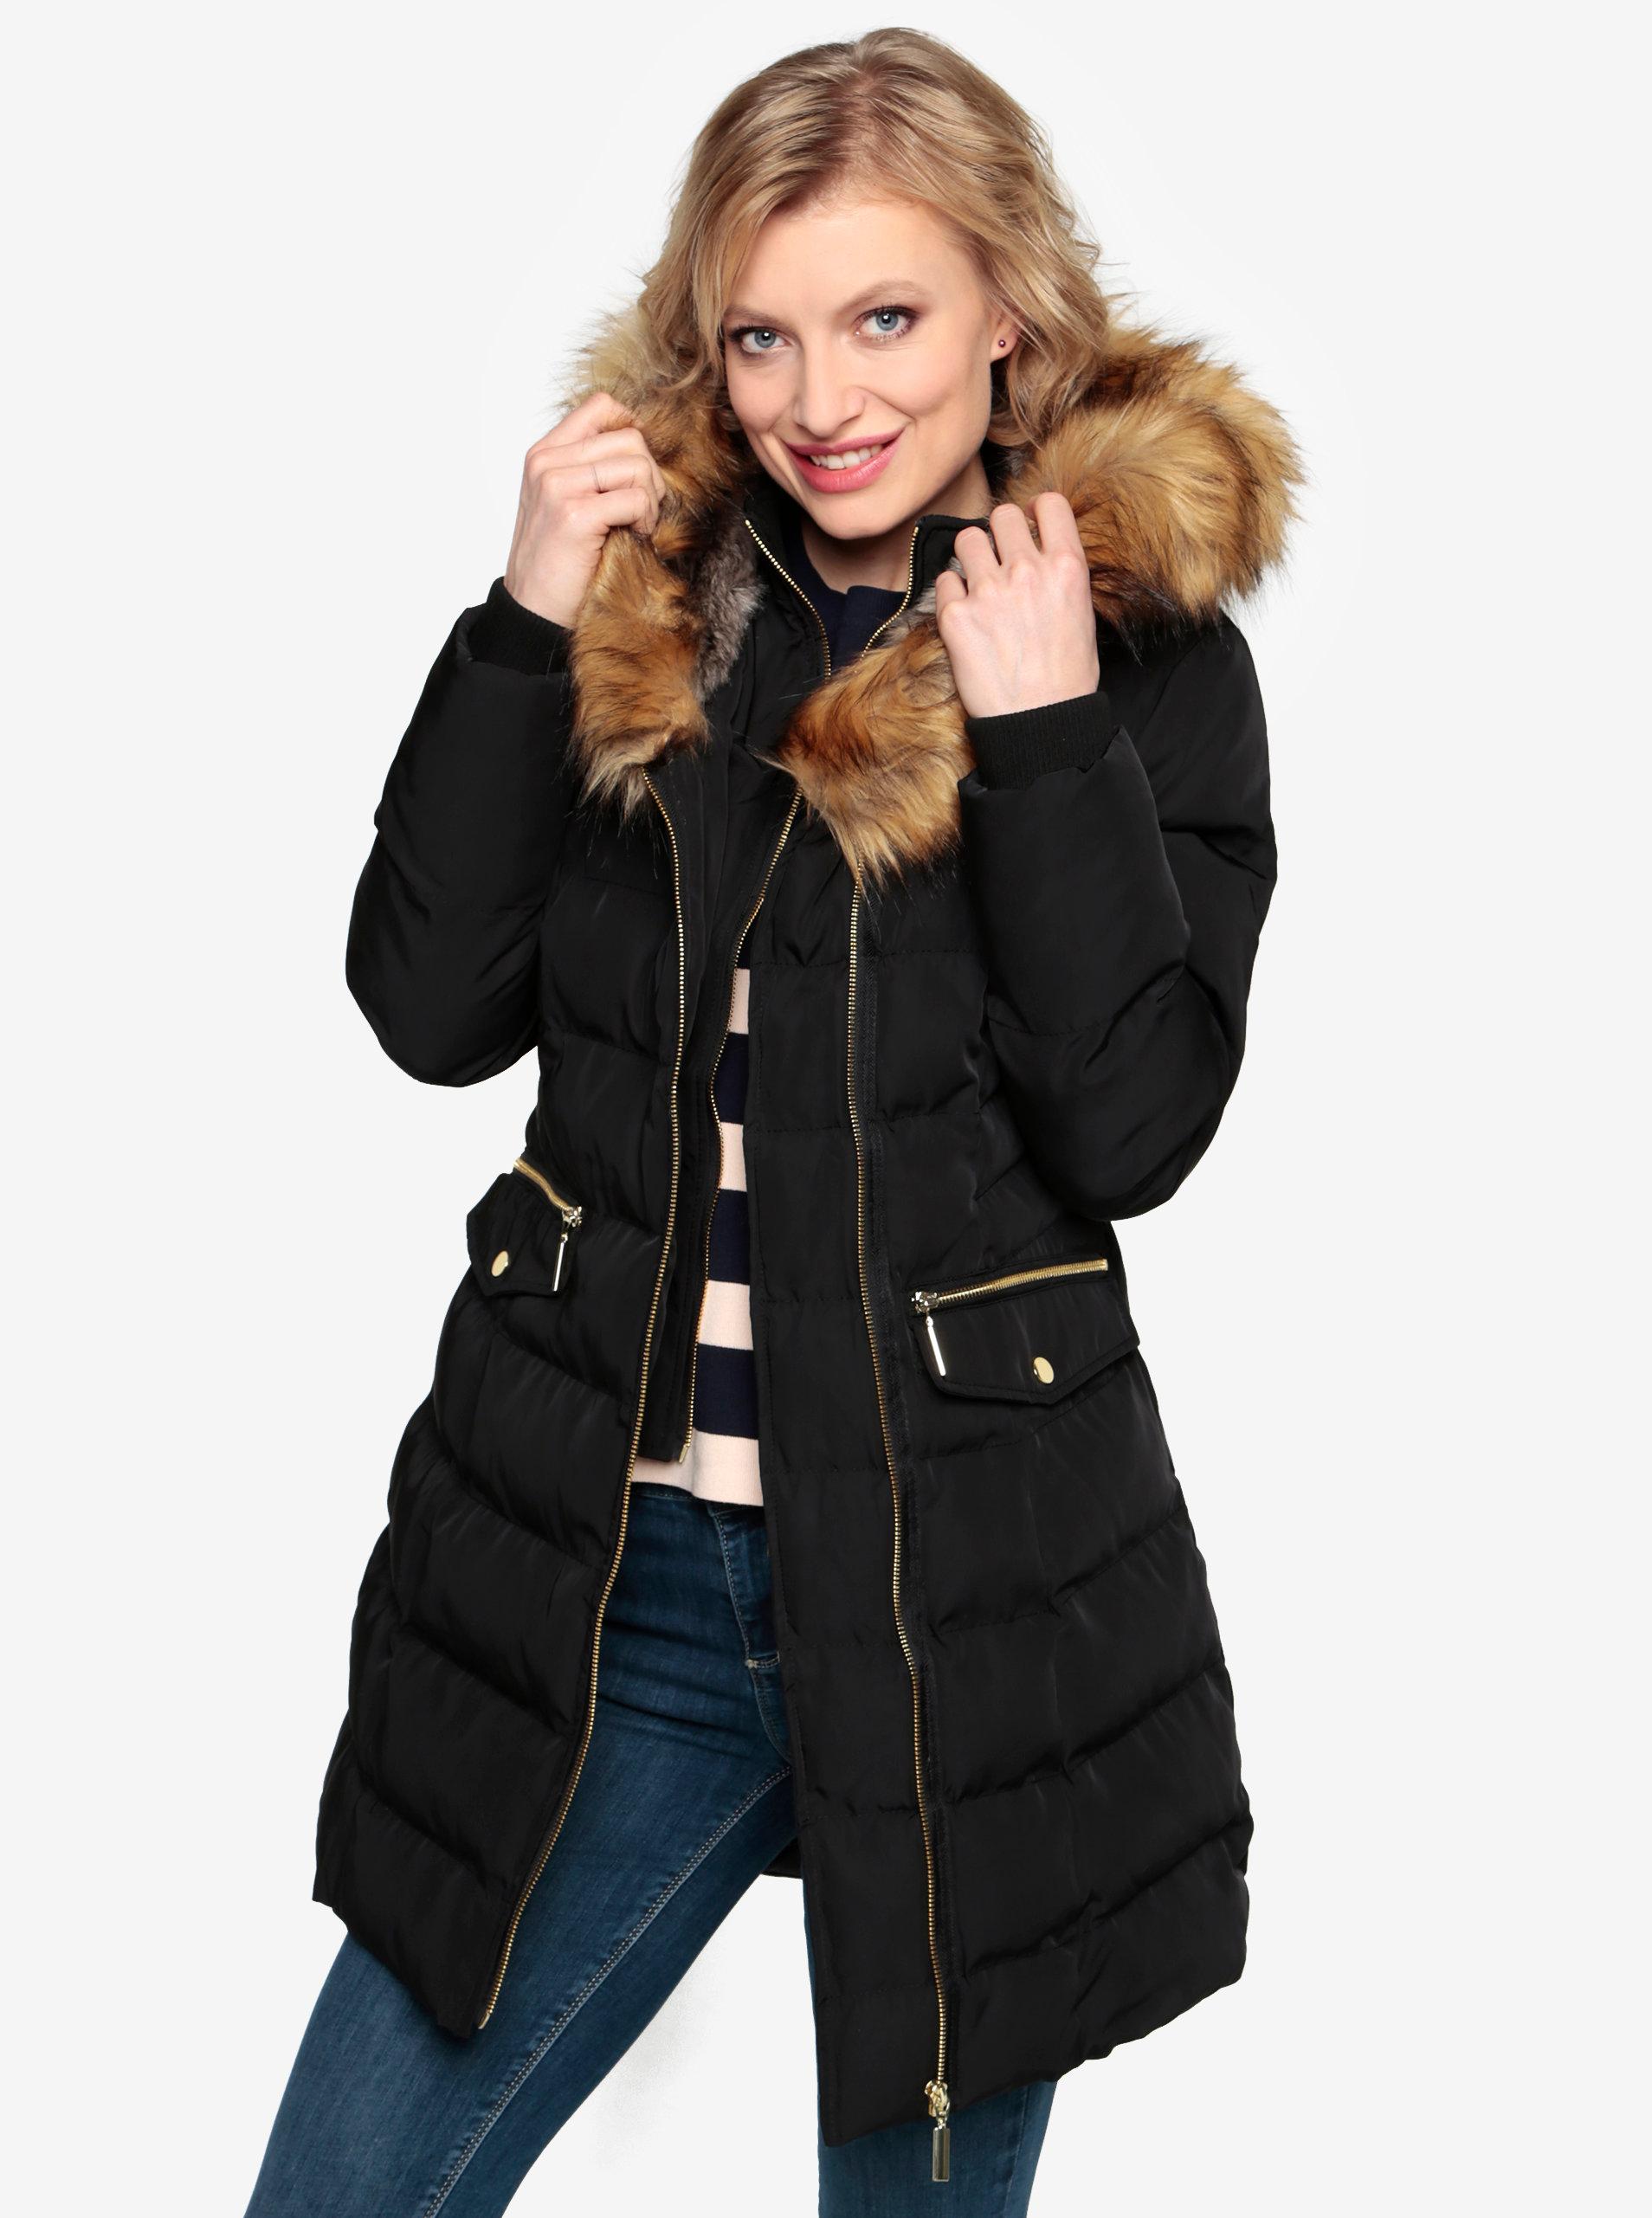 Černý prošívaný zimní kabát s kapucí a umělým kožíškem Oasis Etna ... 39bdddc00a